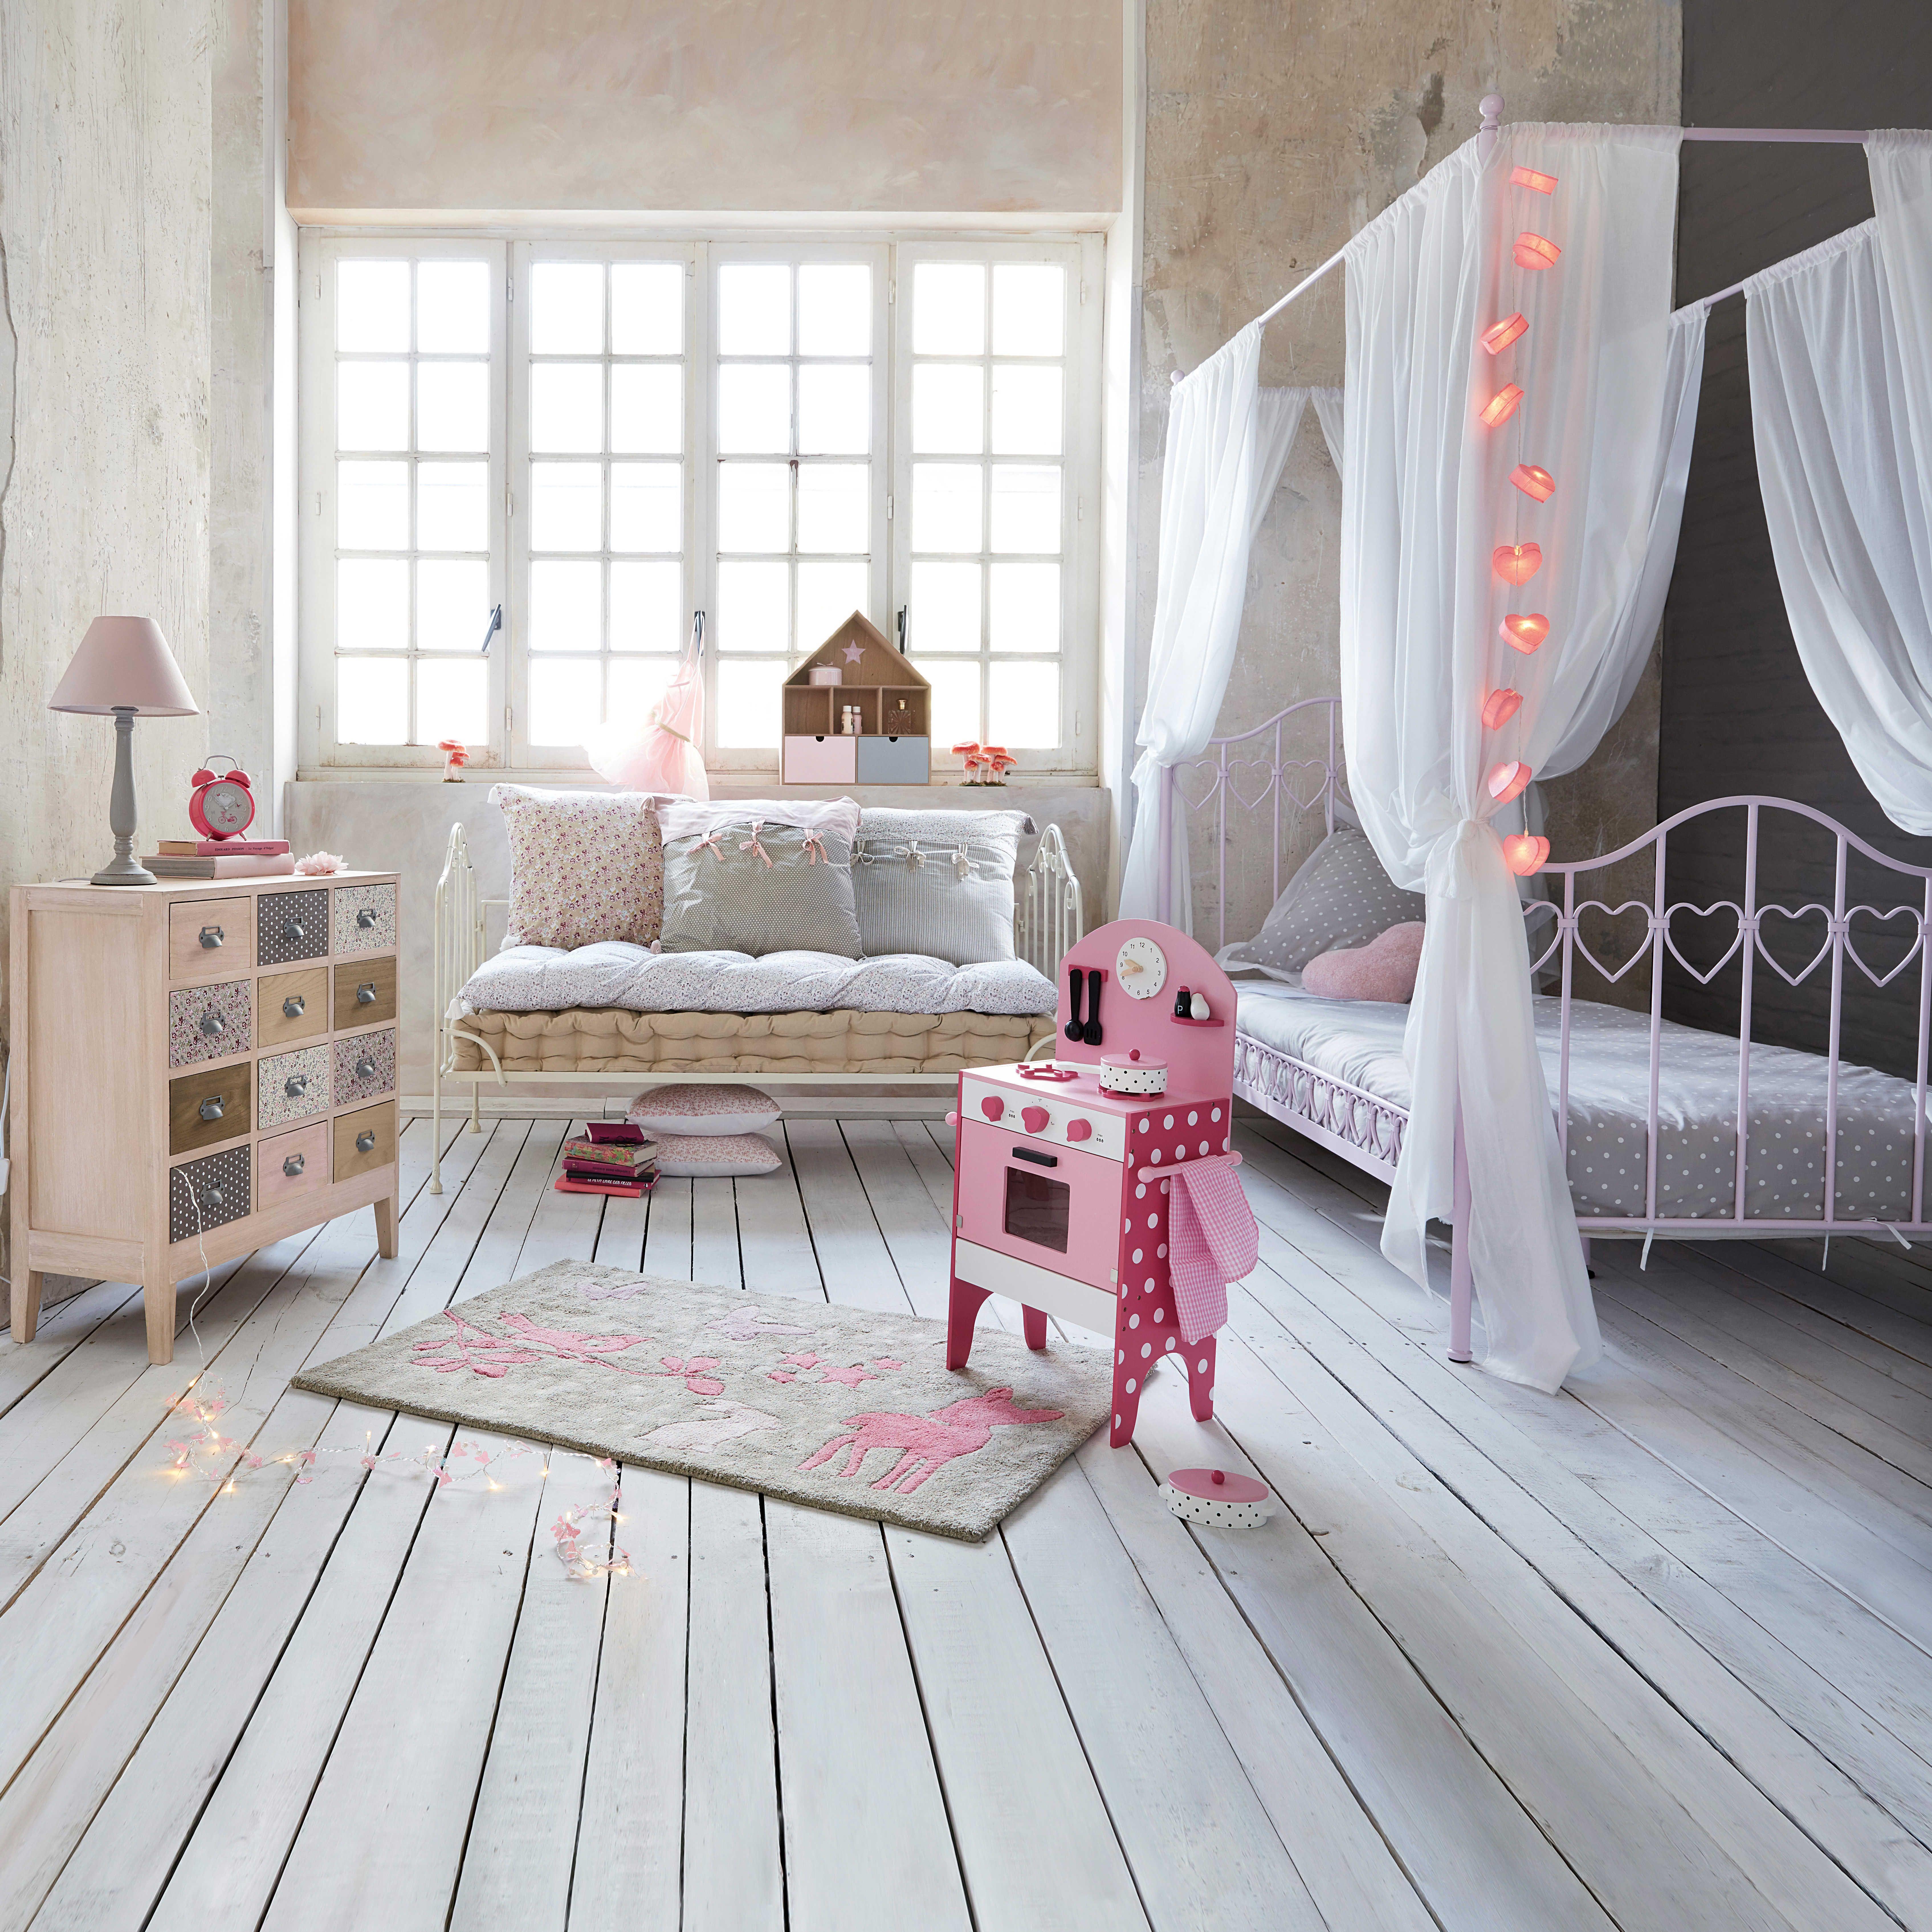 Lit à baldaquin 90x190 en métal rose | kids decor...toys ...